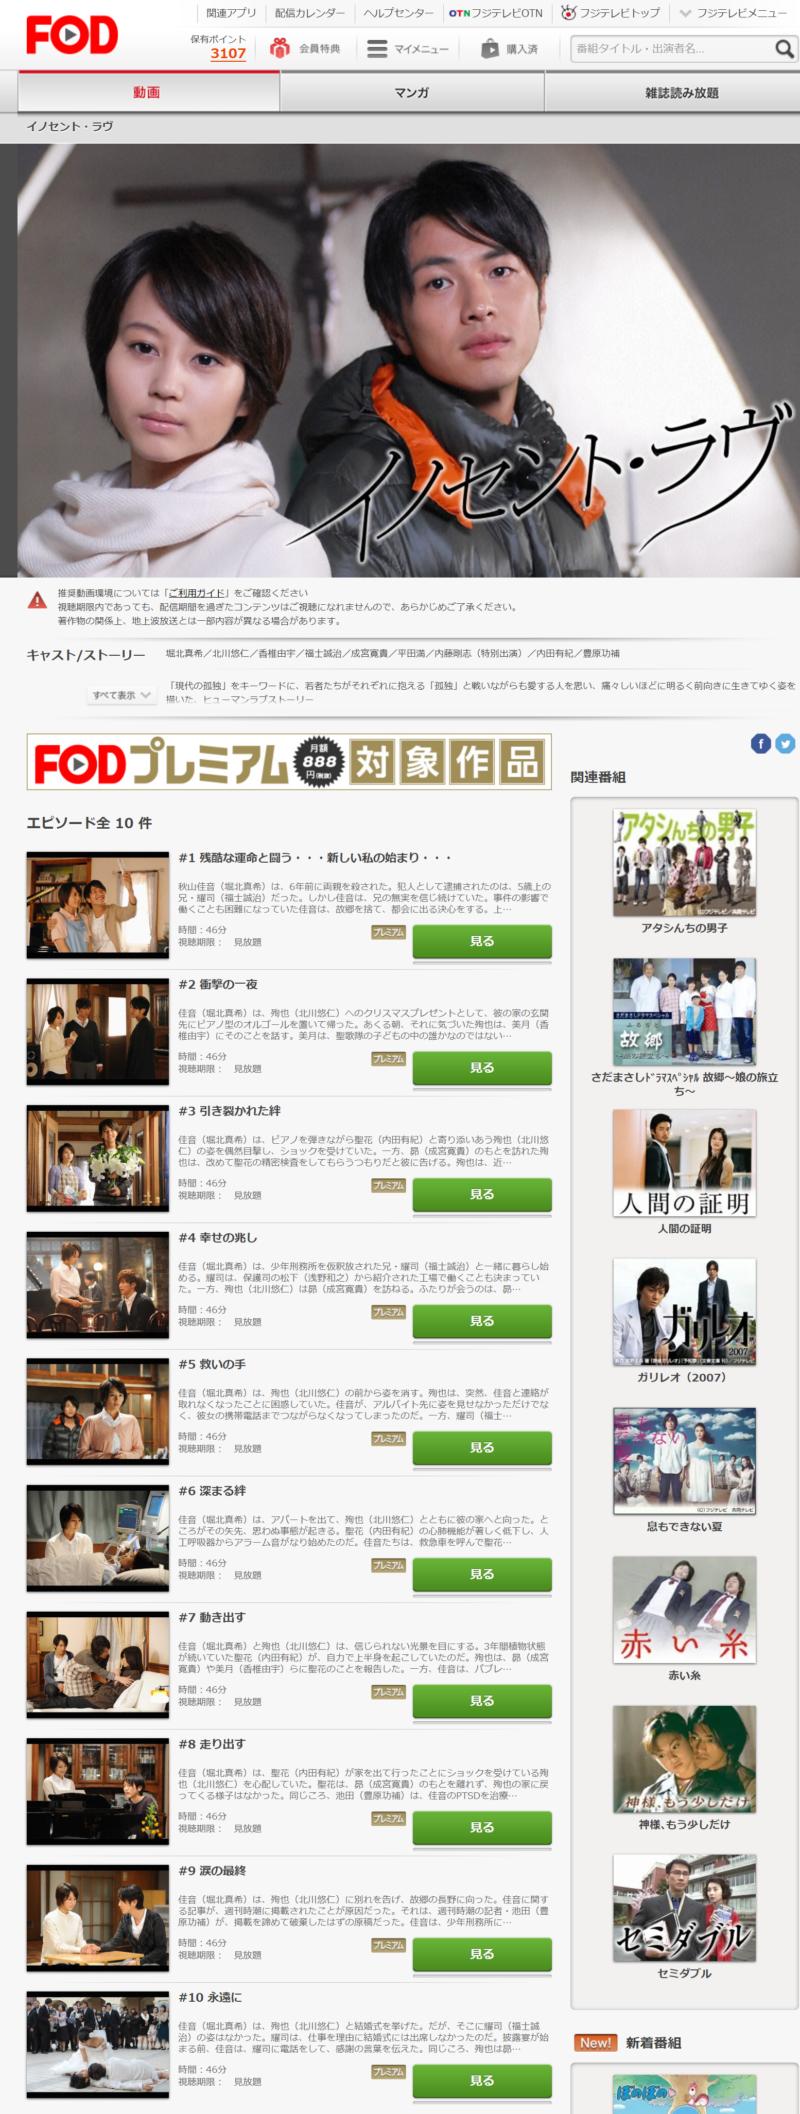 イノセント・ラブ(堀北真希ドラマ)の動画無料視聴方法FOD